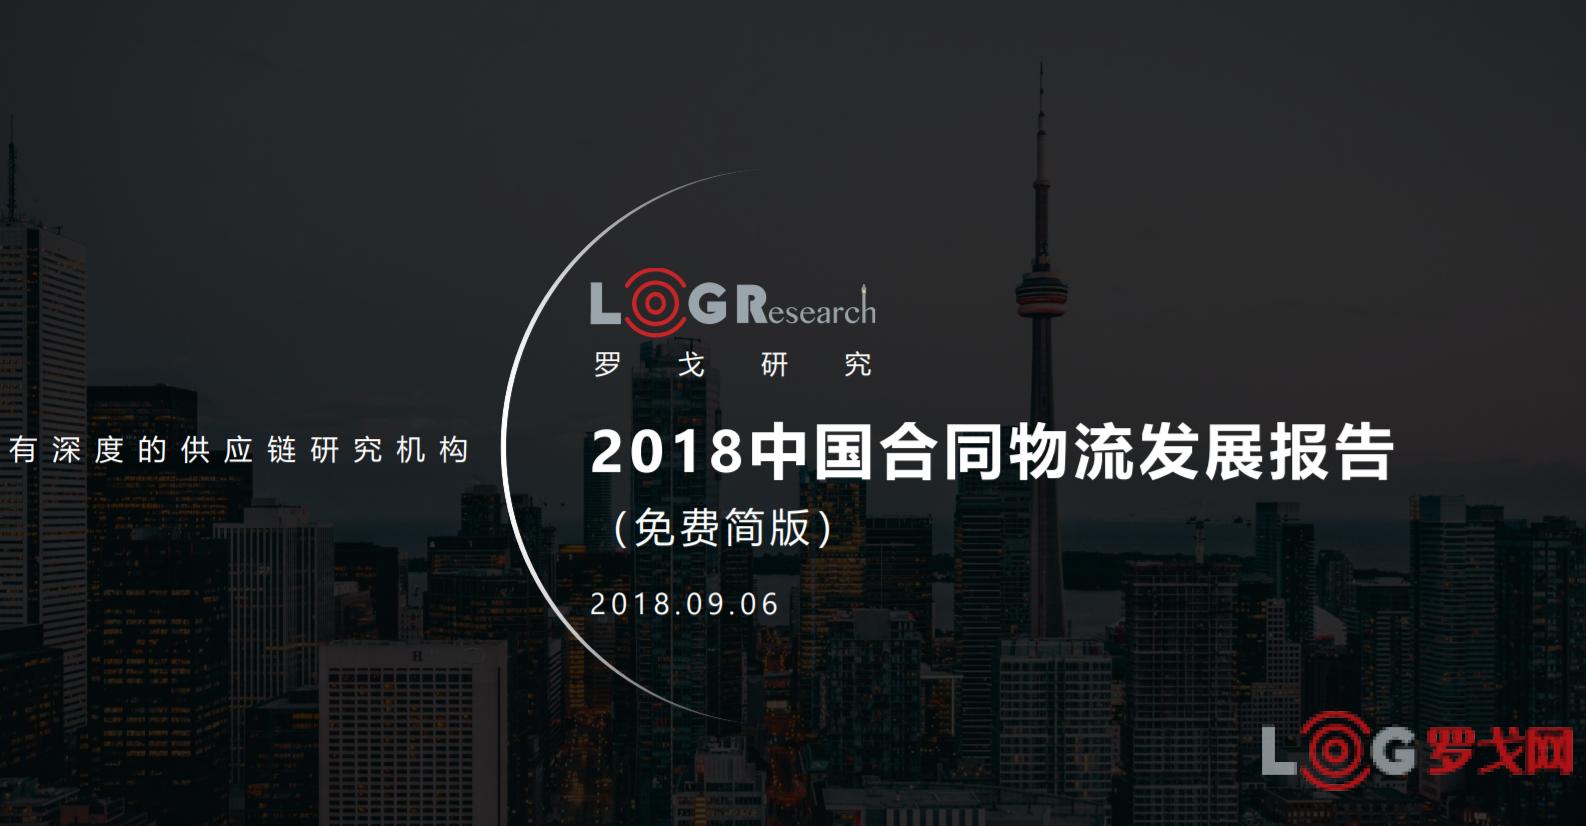 2018中国合同物流发展报告(免费简版)